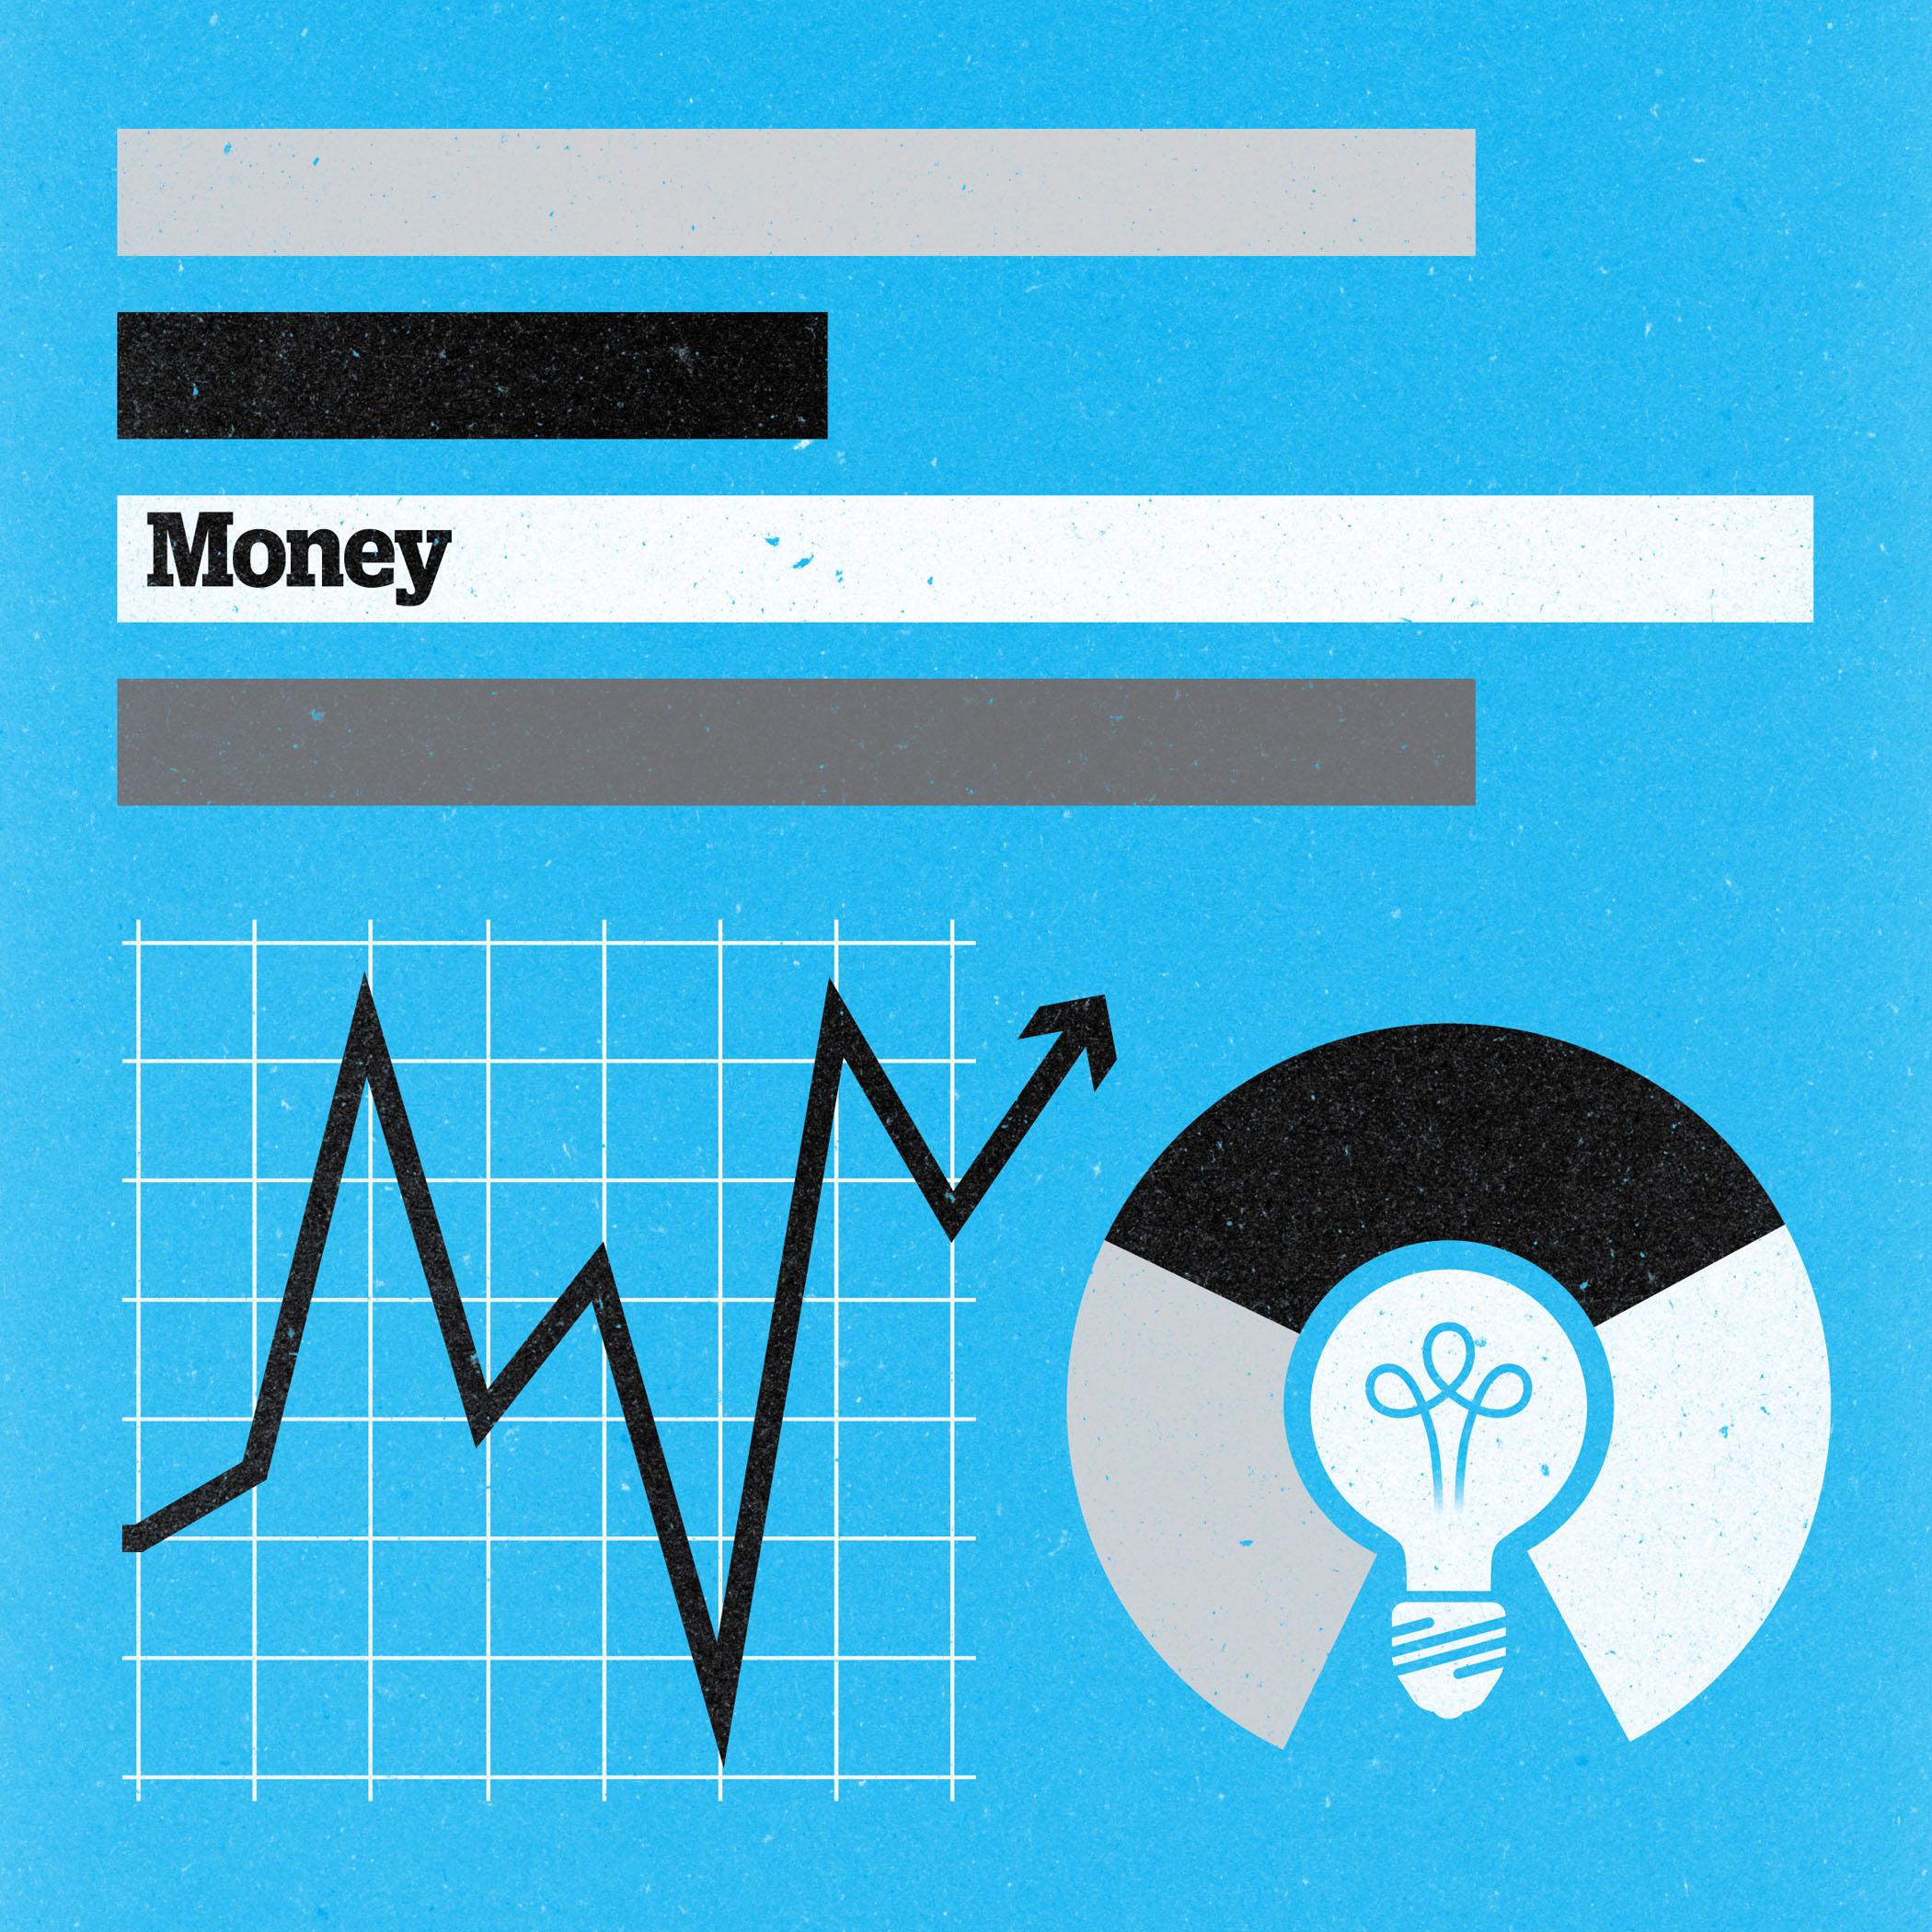 Valiutos kursas uždirba pinigus